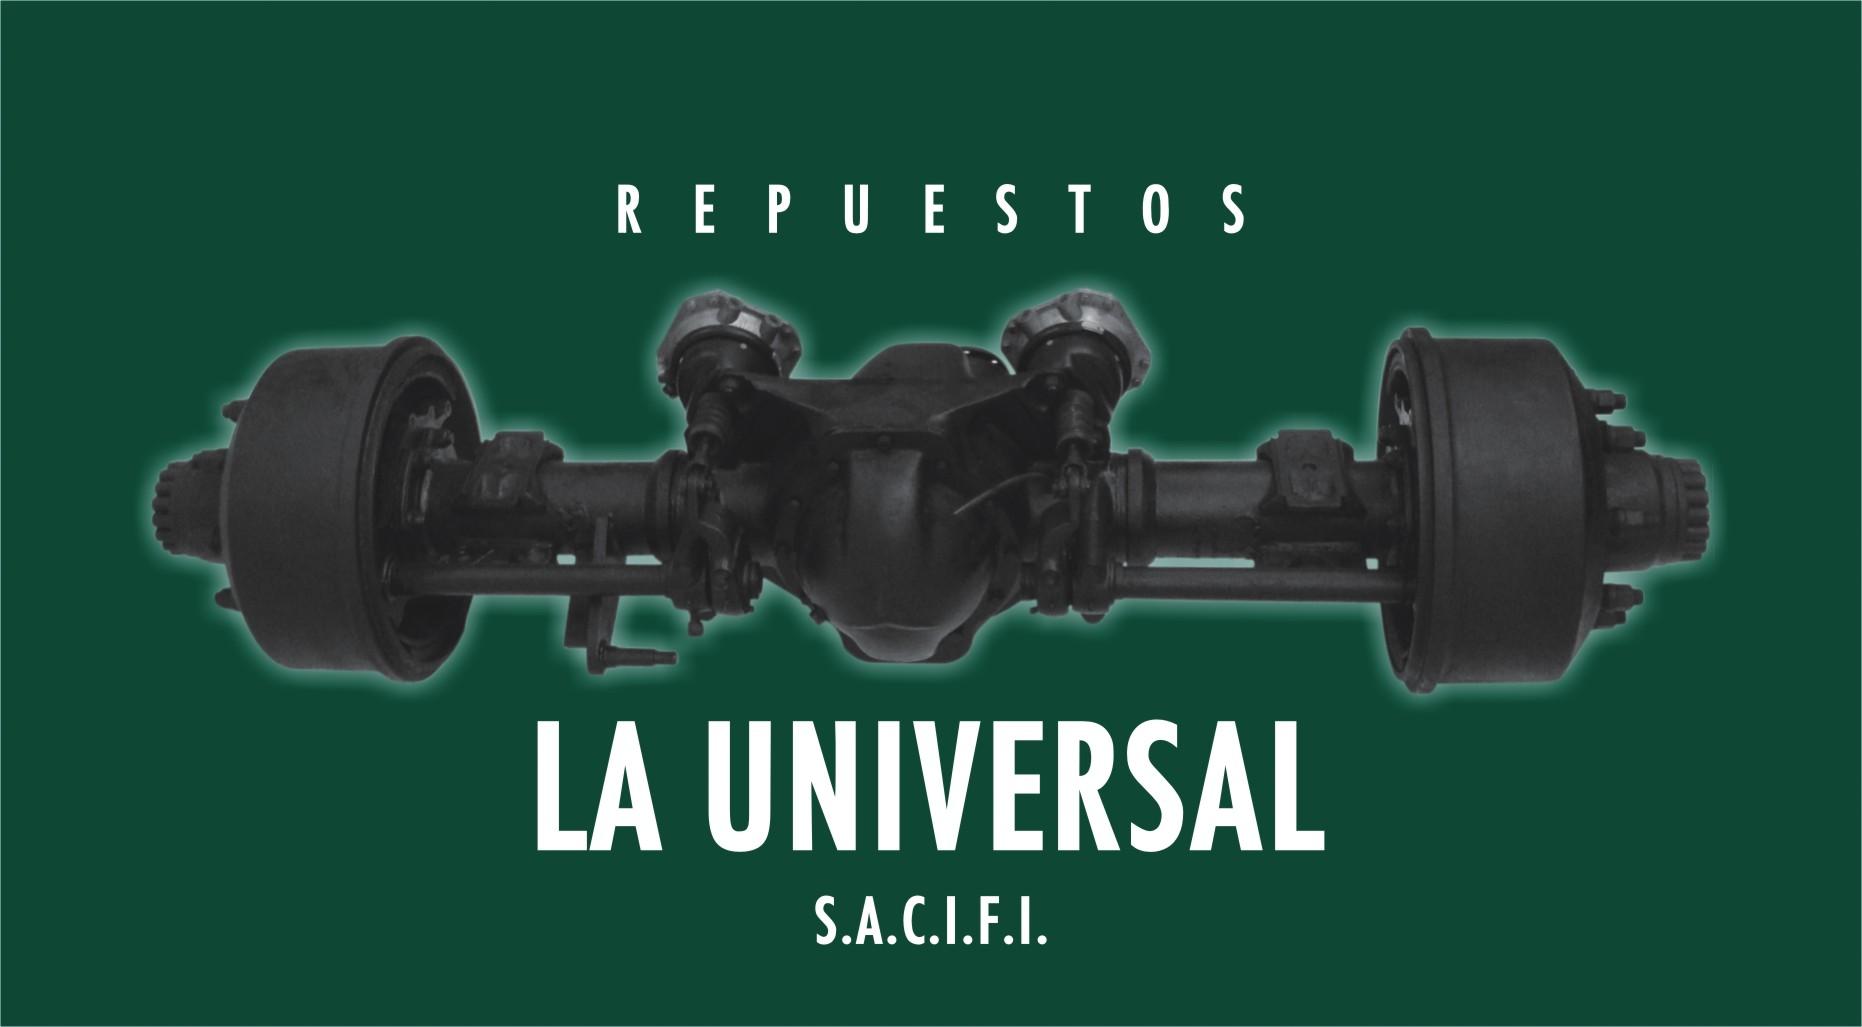 Repuestos La Universal, S.A.,